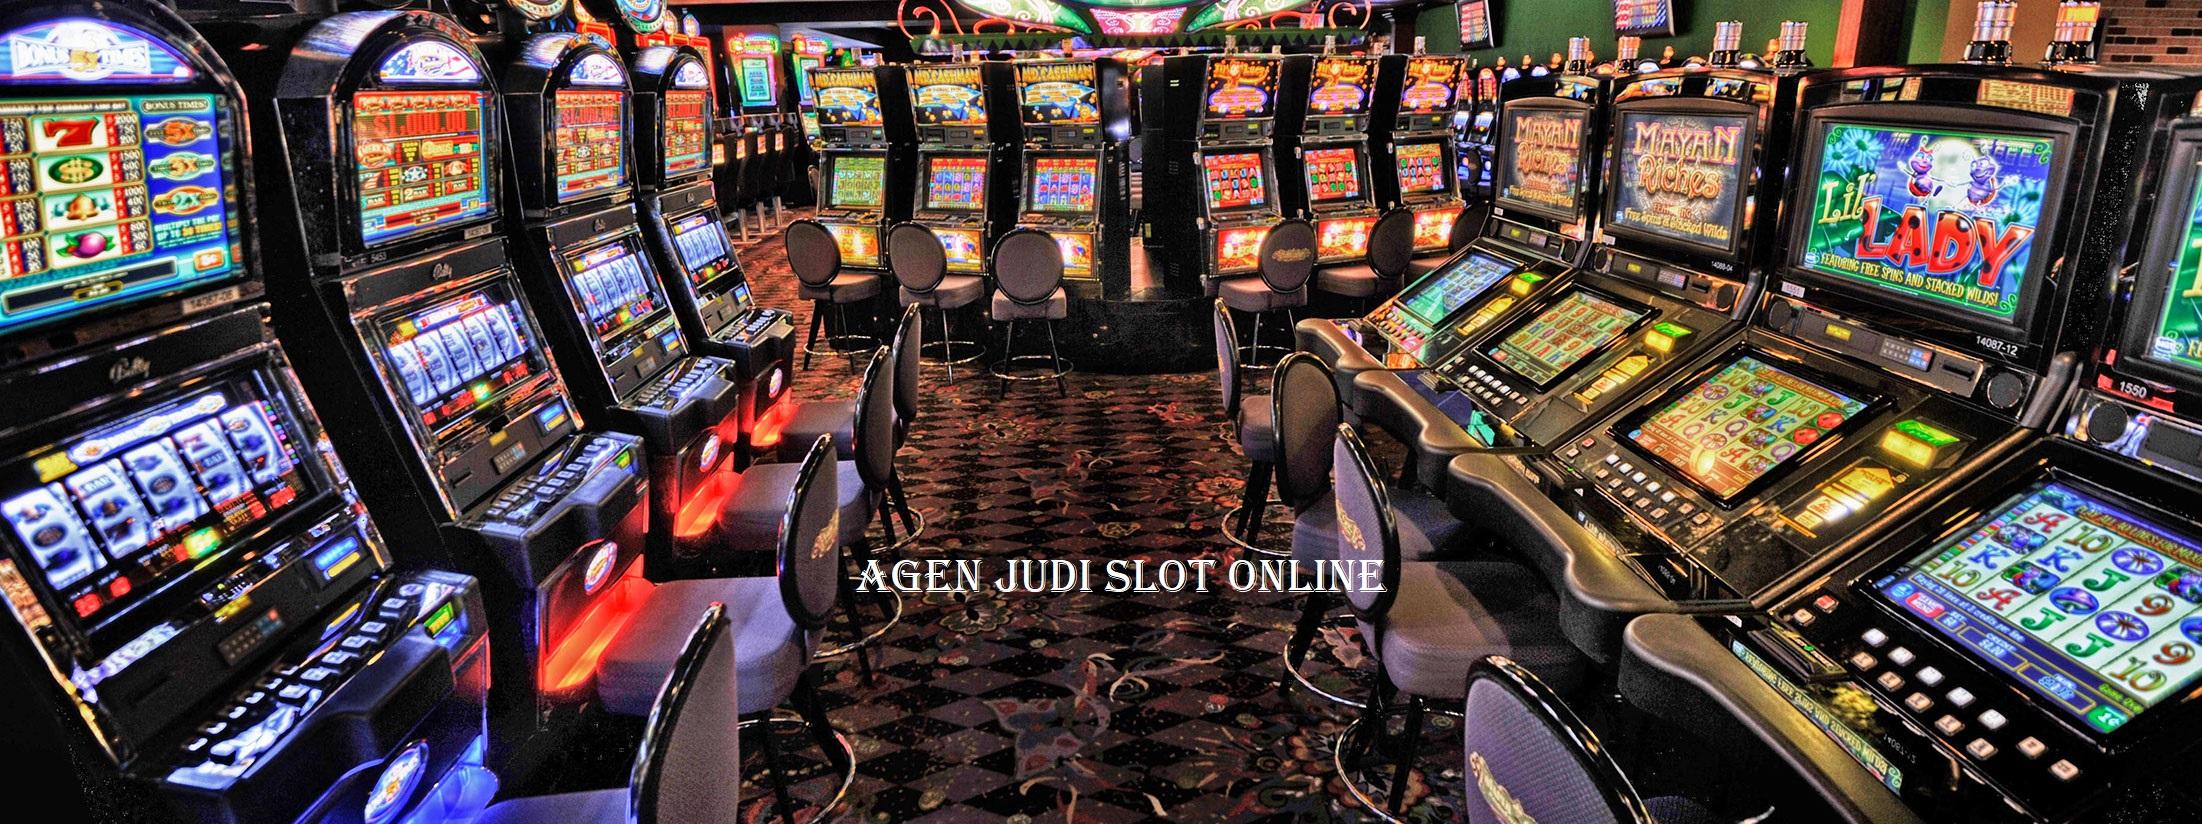 Agen Slot Online Terbaik Dengan Pelayanan Terlengkap